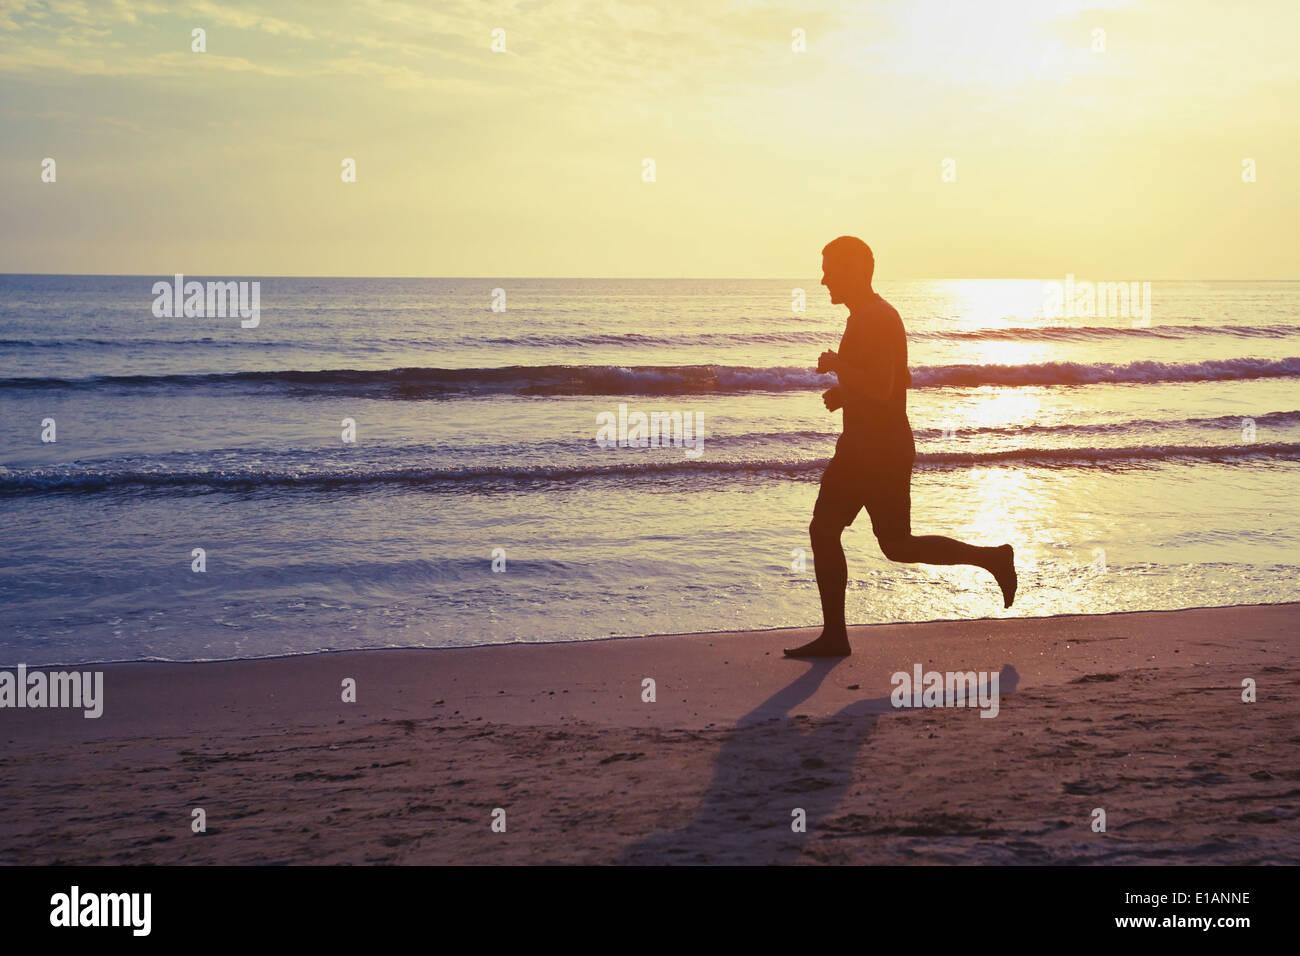 Uno stile di vita sano, silhouette di runner sulla spiaggia Immagini Stock